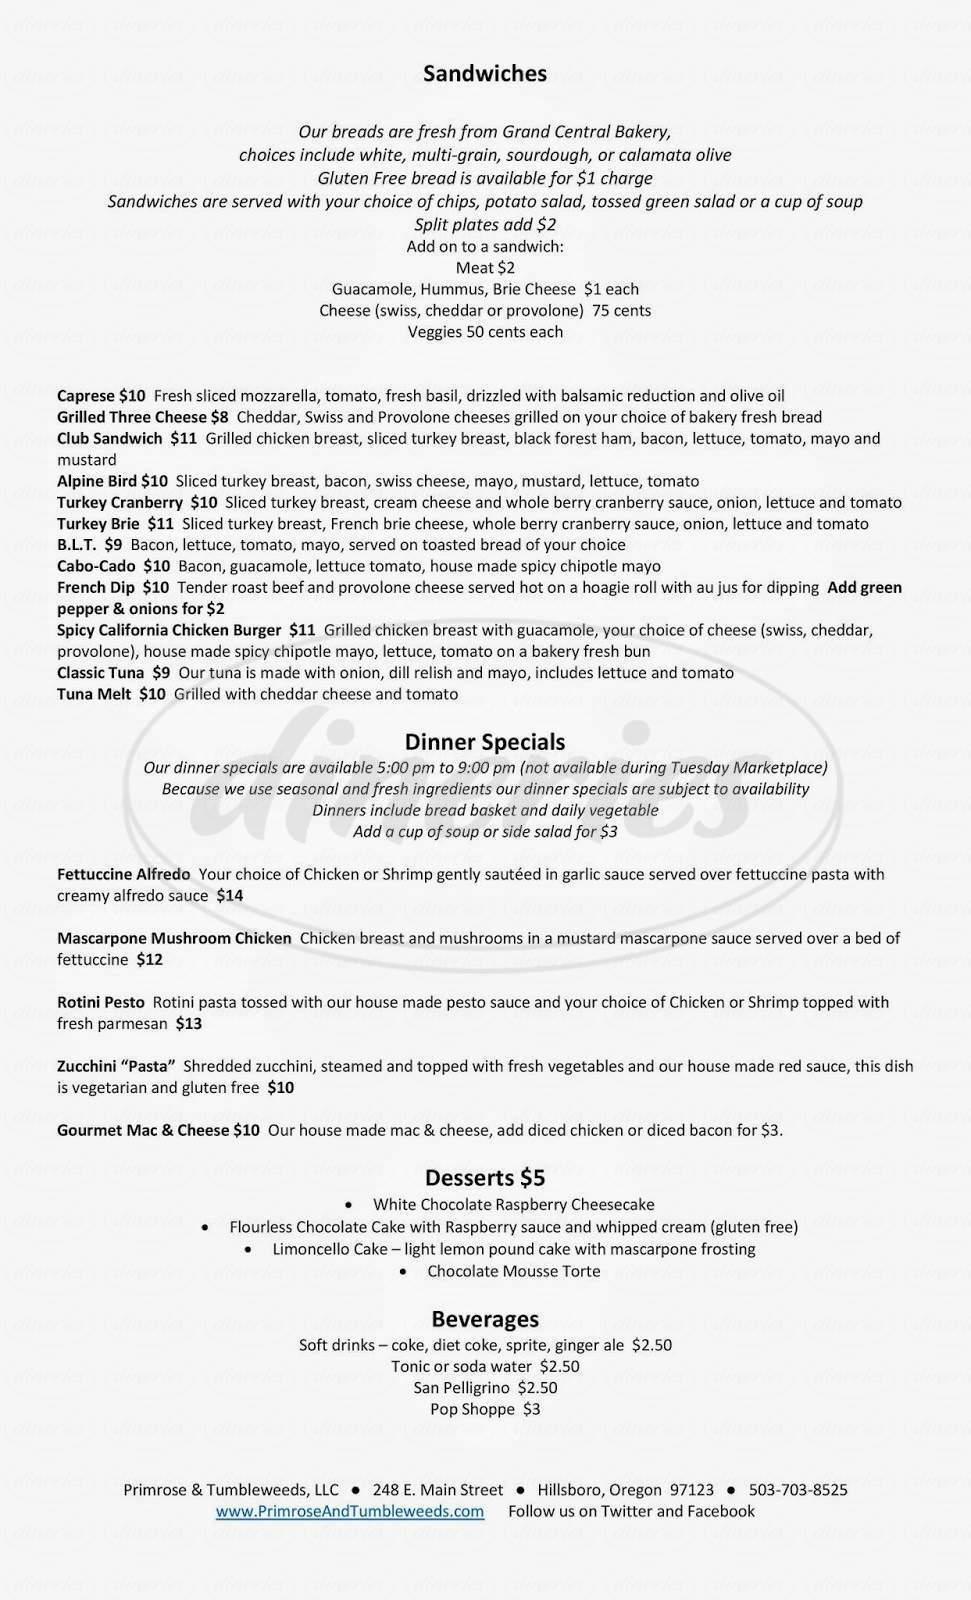 menu for Primrose & Tumbleweeds